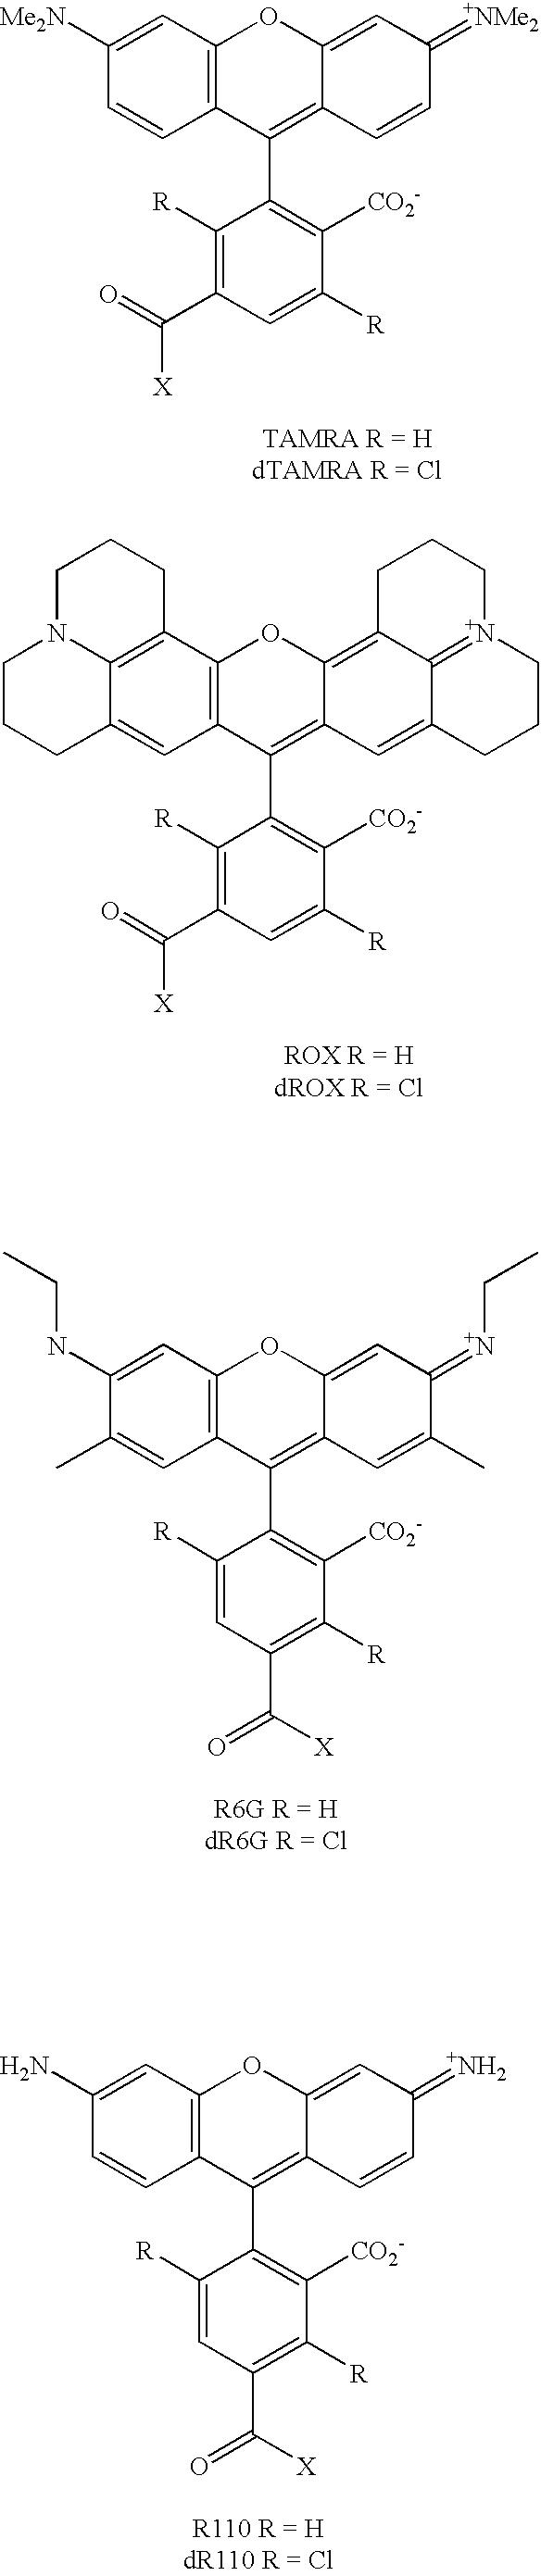 Figure US06887690-20050503-C00005